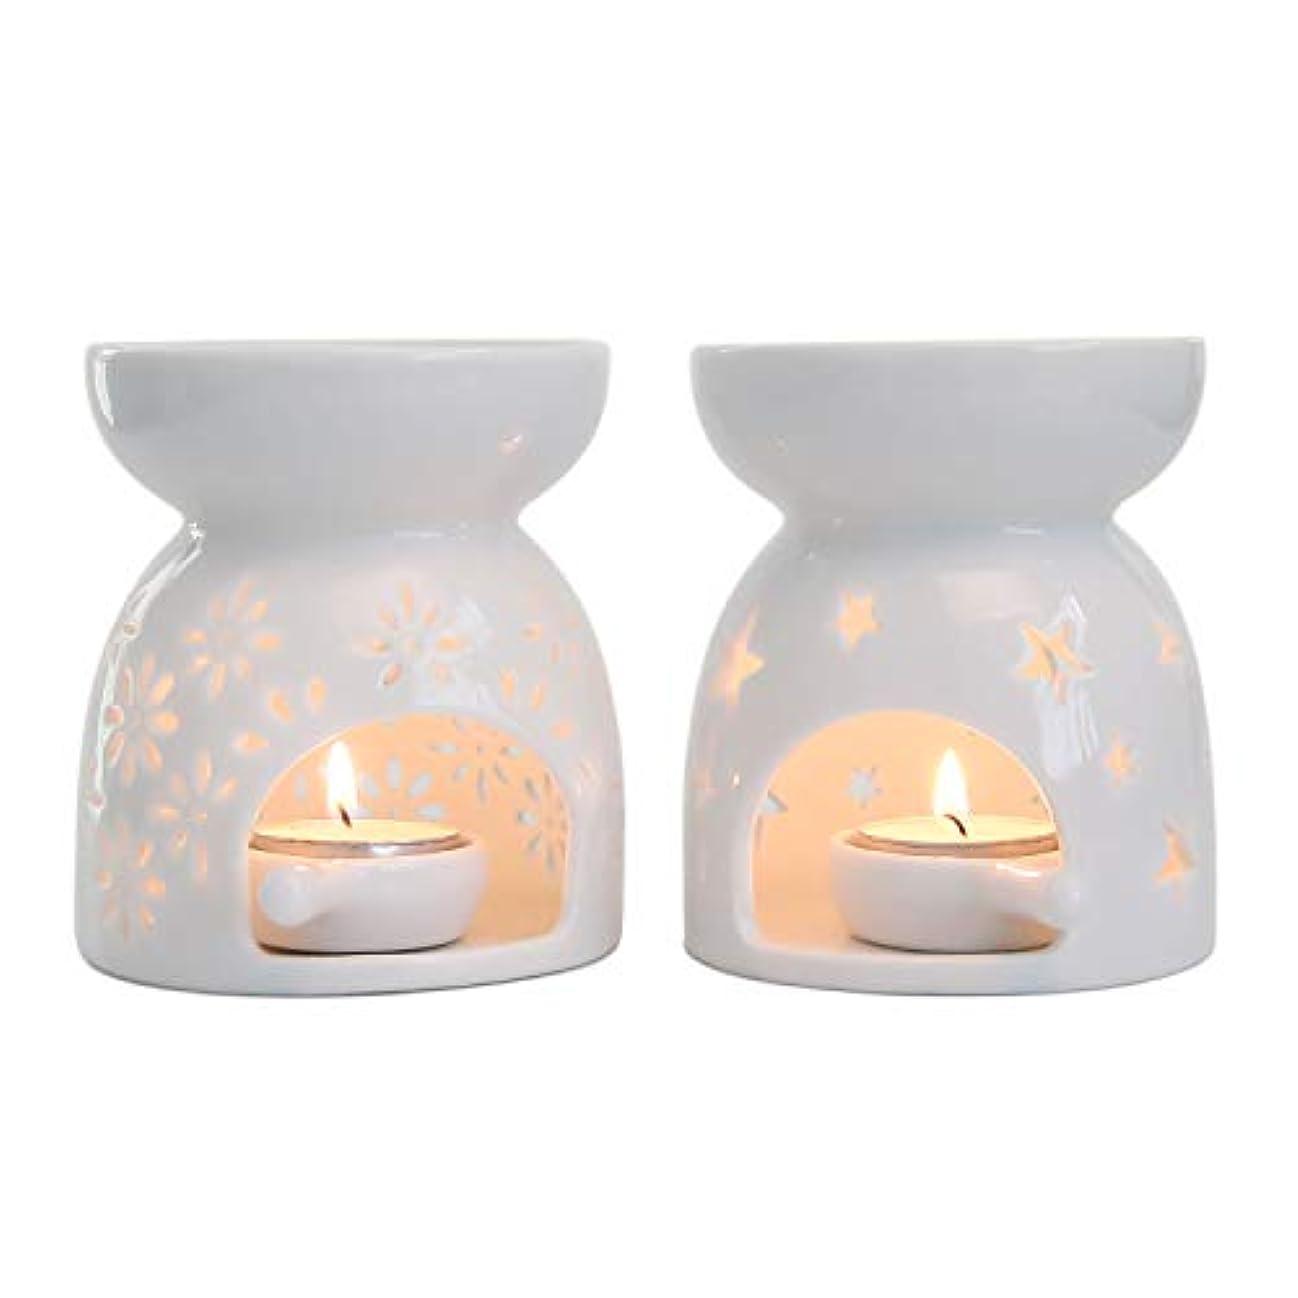 ラック裂け目応用Rachel's Choice 陶製 アロマ ランプ ディフューザー アロマキャンドル キャンドルホルダー 花形&星形 ホワイト 2点セット